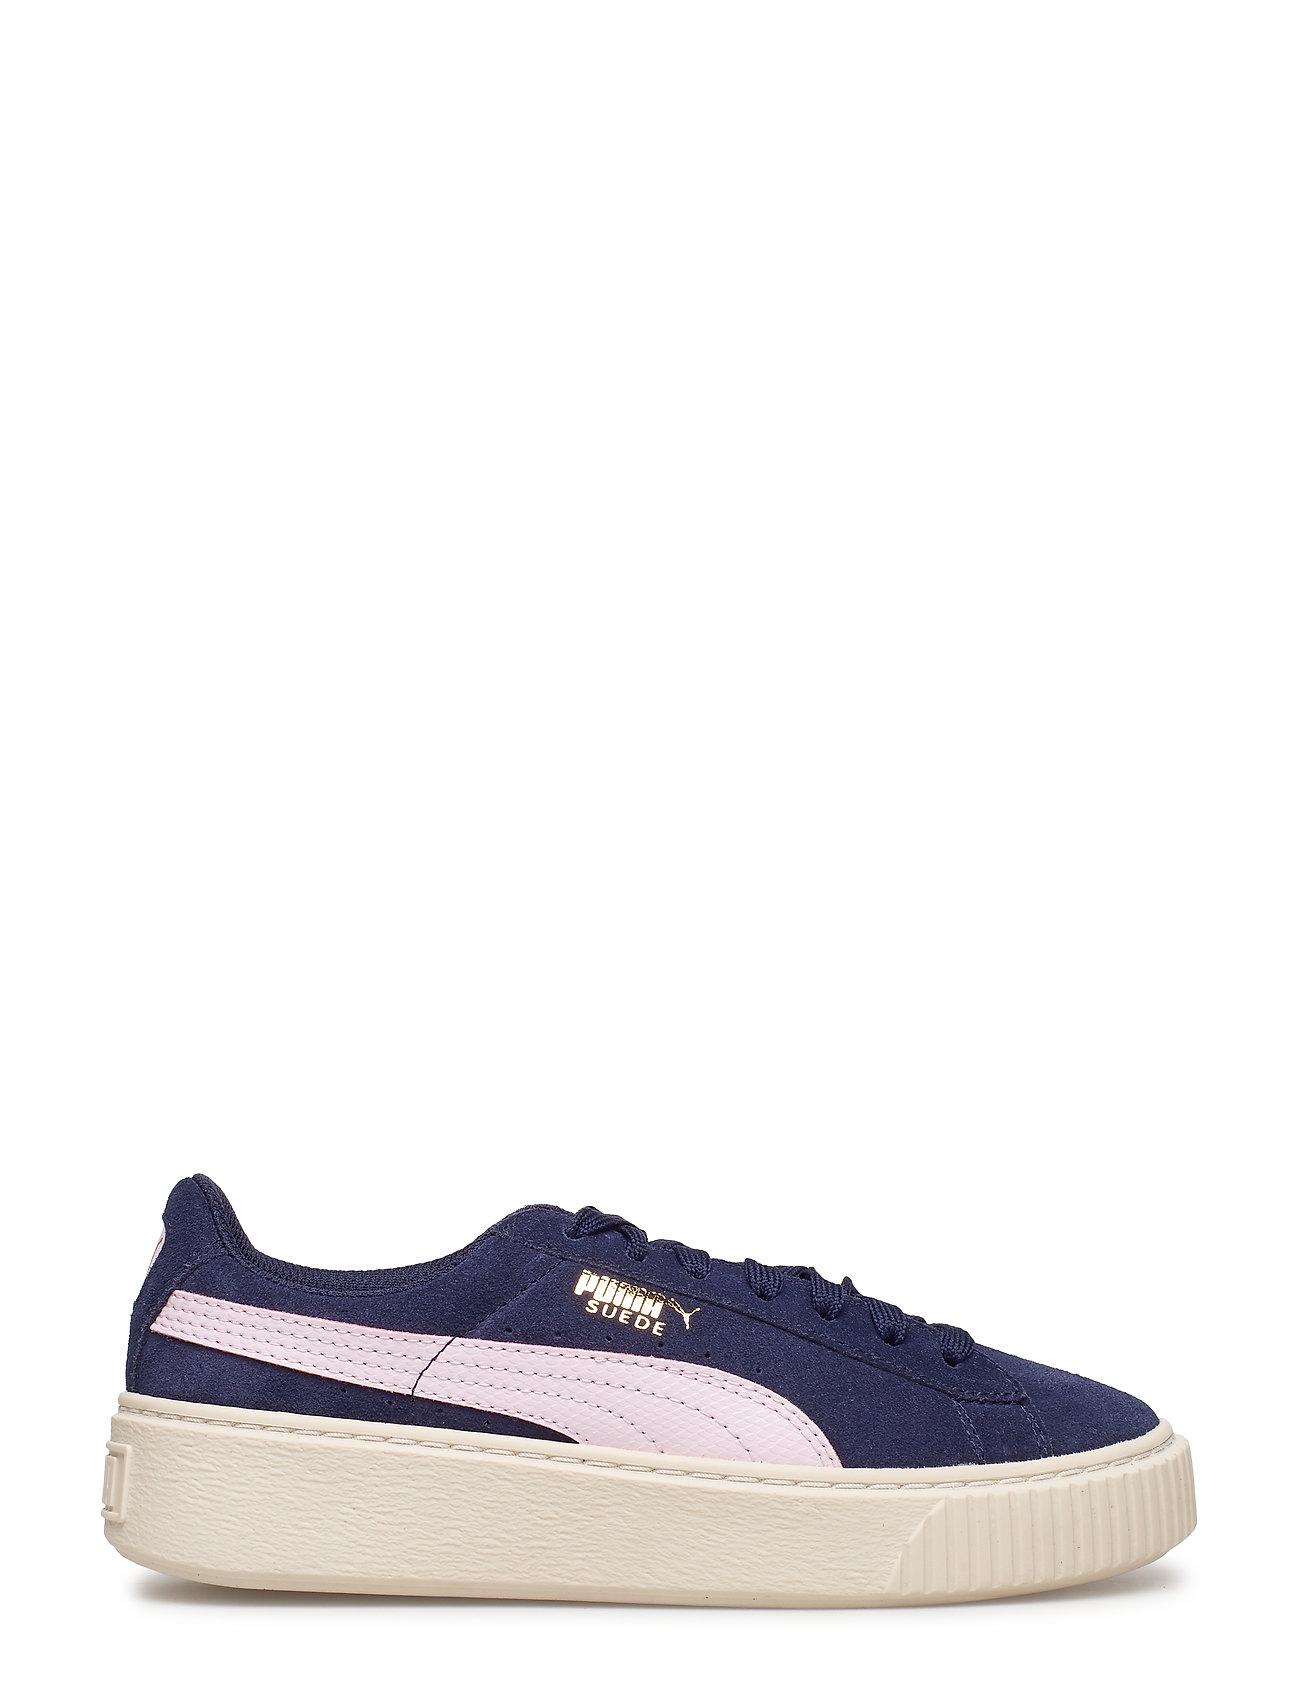 784c691da15 Suede Platform Snk Jr sneakers fra PUMA til børn i DUSTY CORAL ...